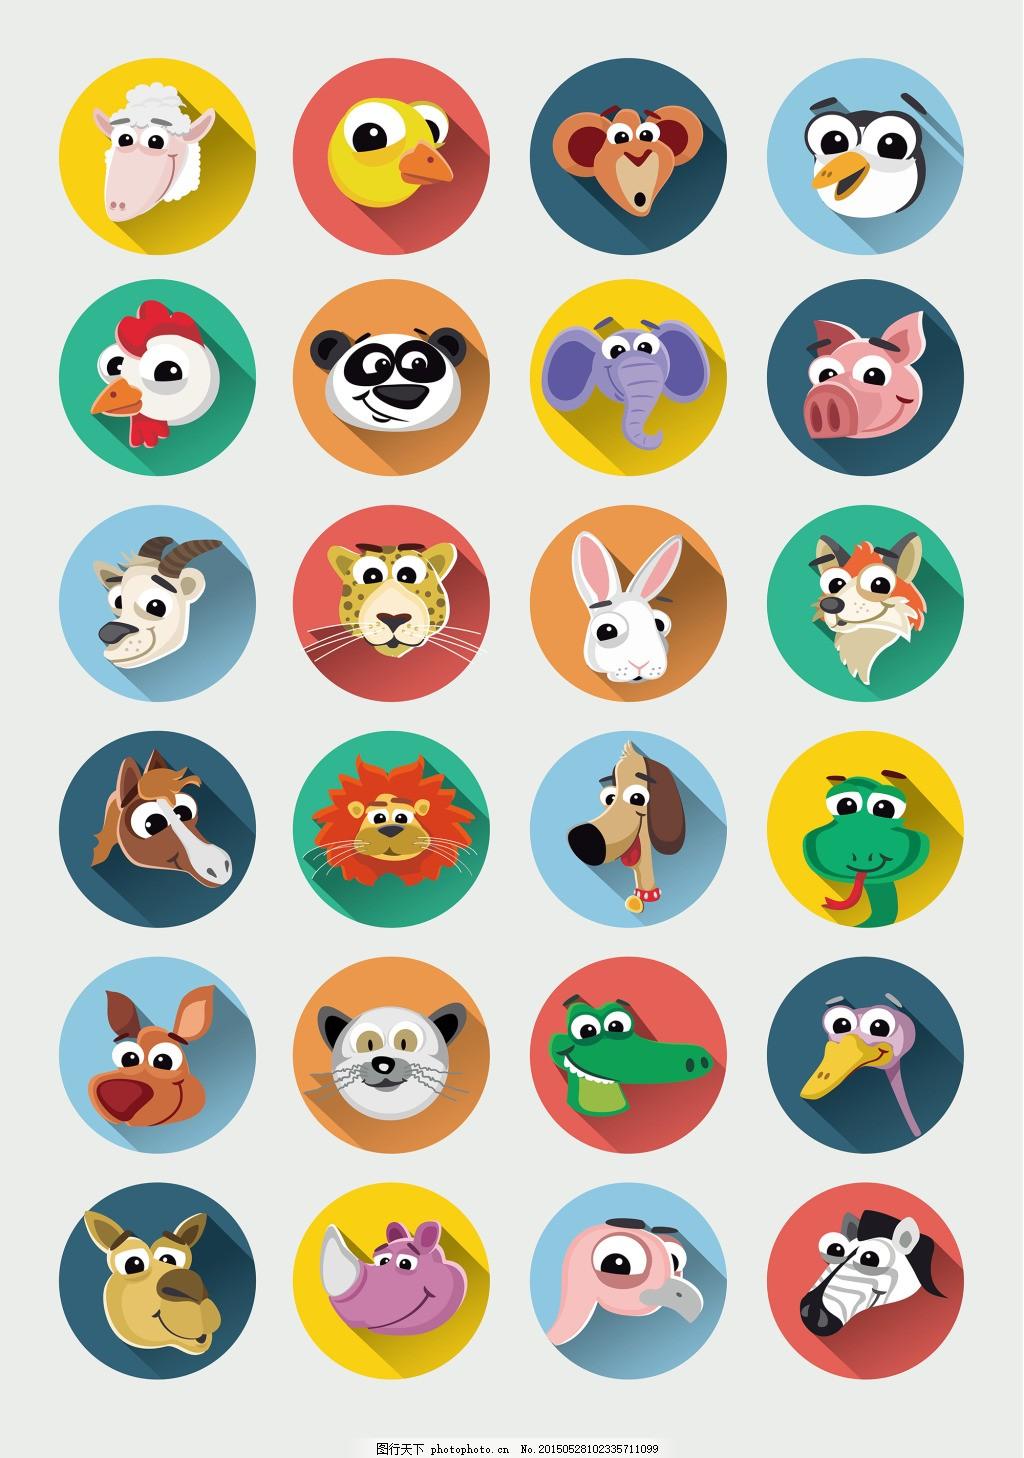 圆形卡通动物图标